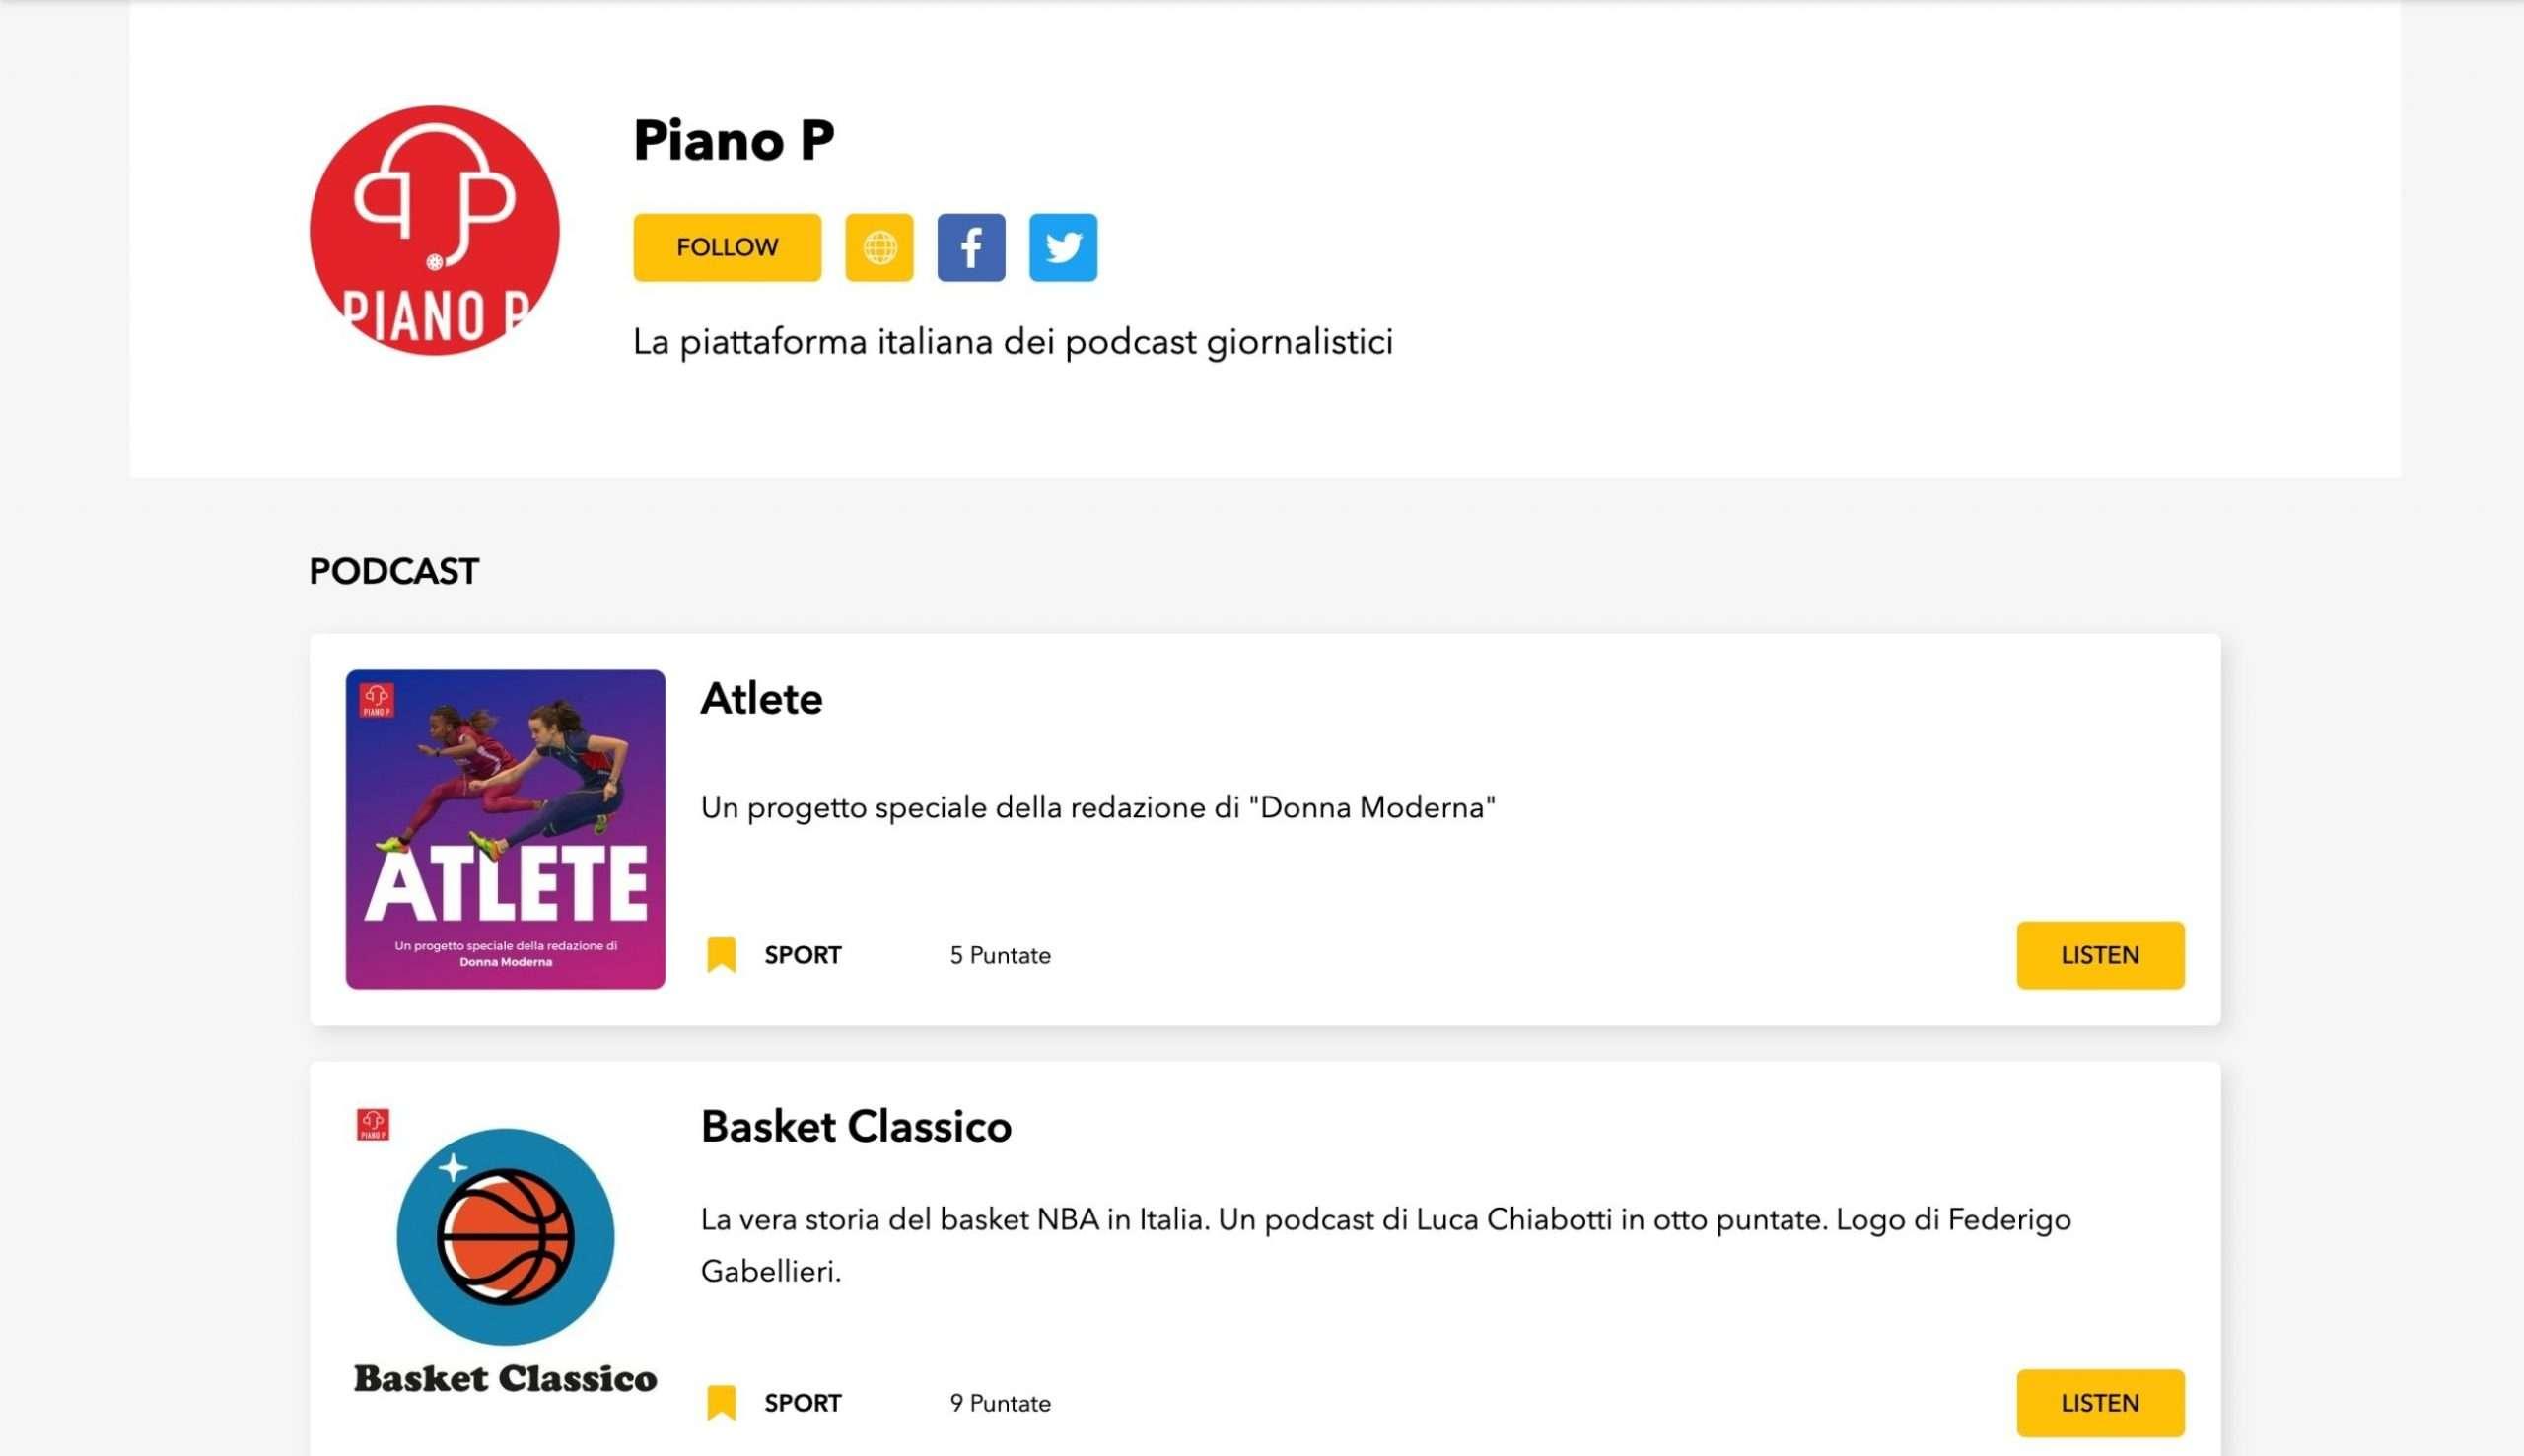 Piano P